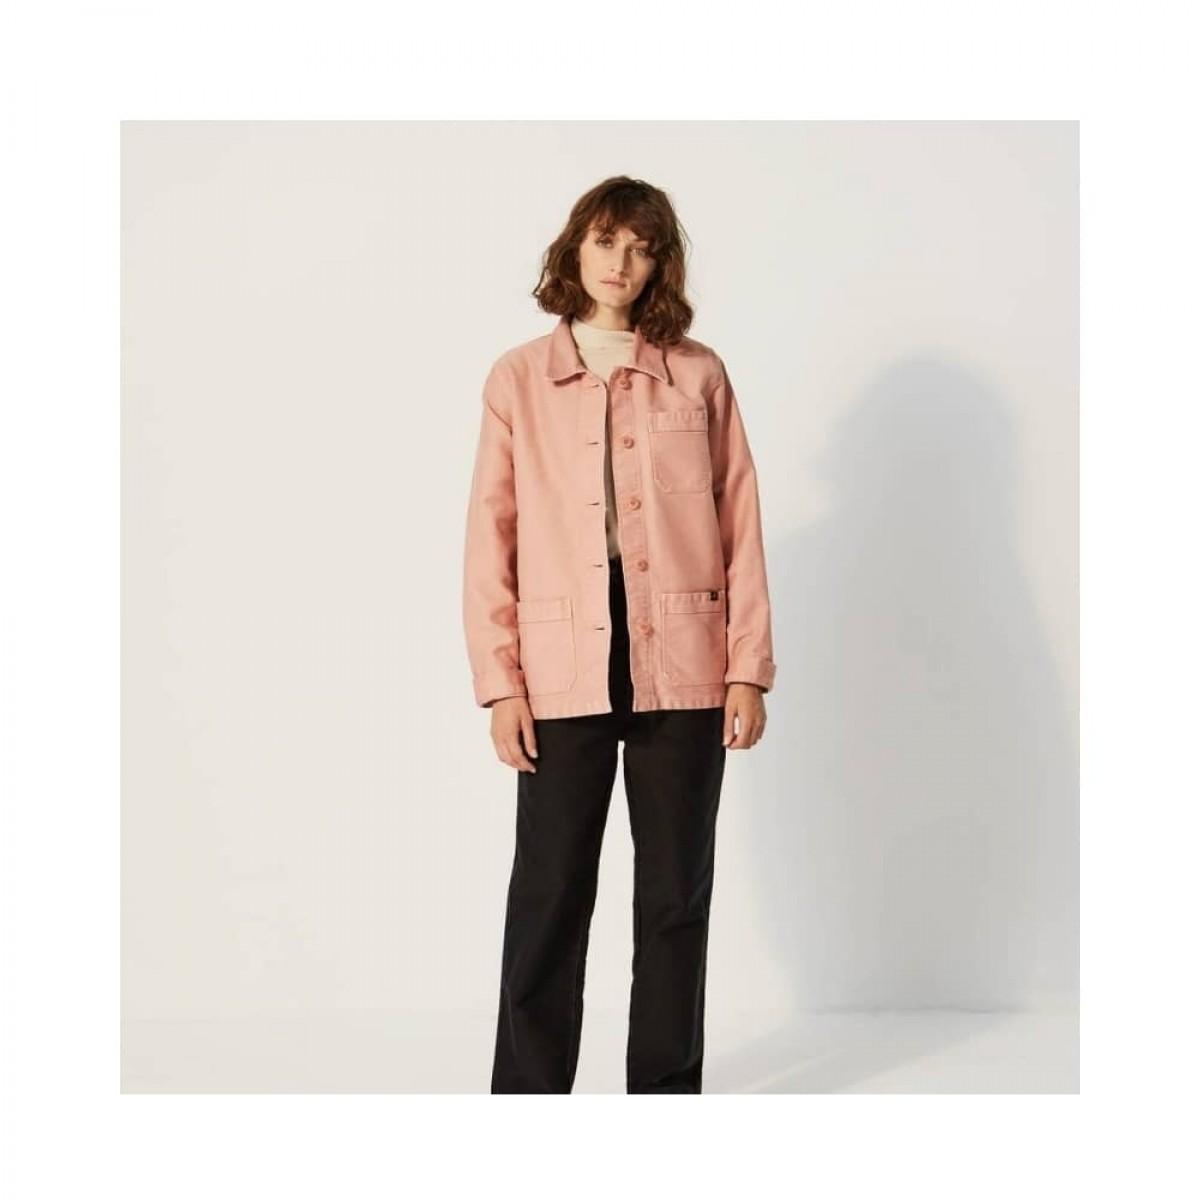 genuine work jacket - rose - model front